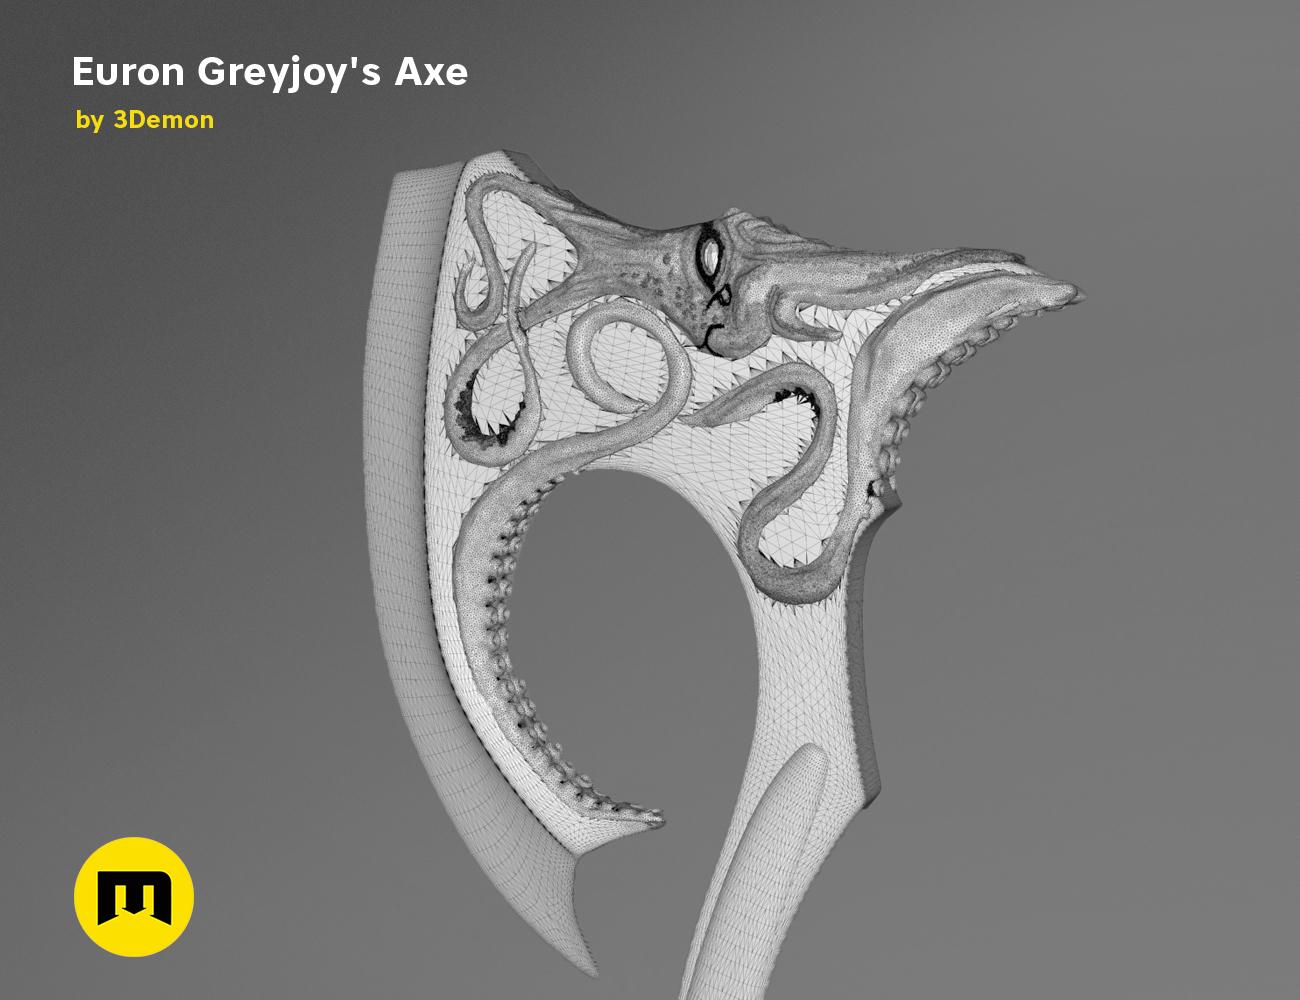 axe-gameofthrones-mesh.985.jpg Download OBJ file Euron Greyjoy's Axe • 3D printable object, 3D-mon